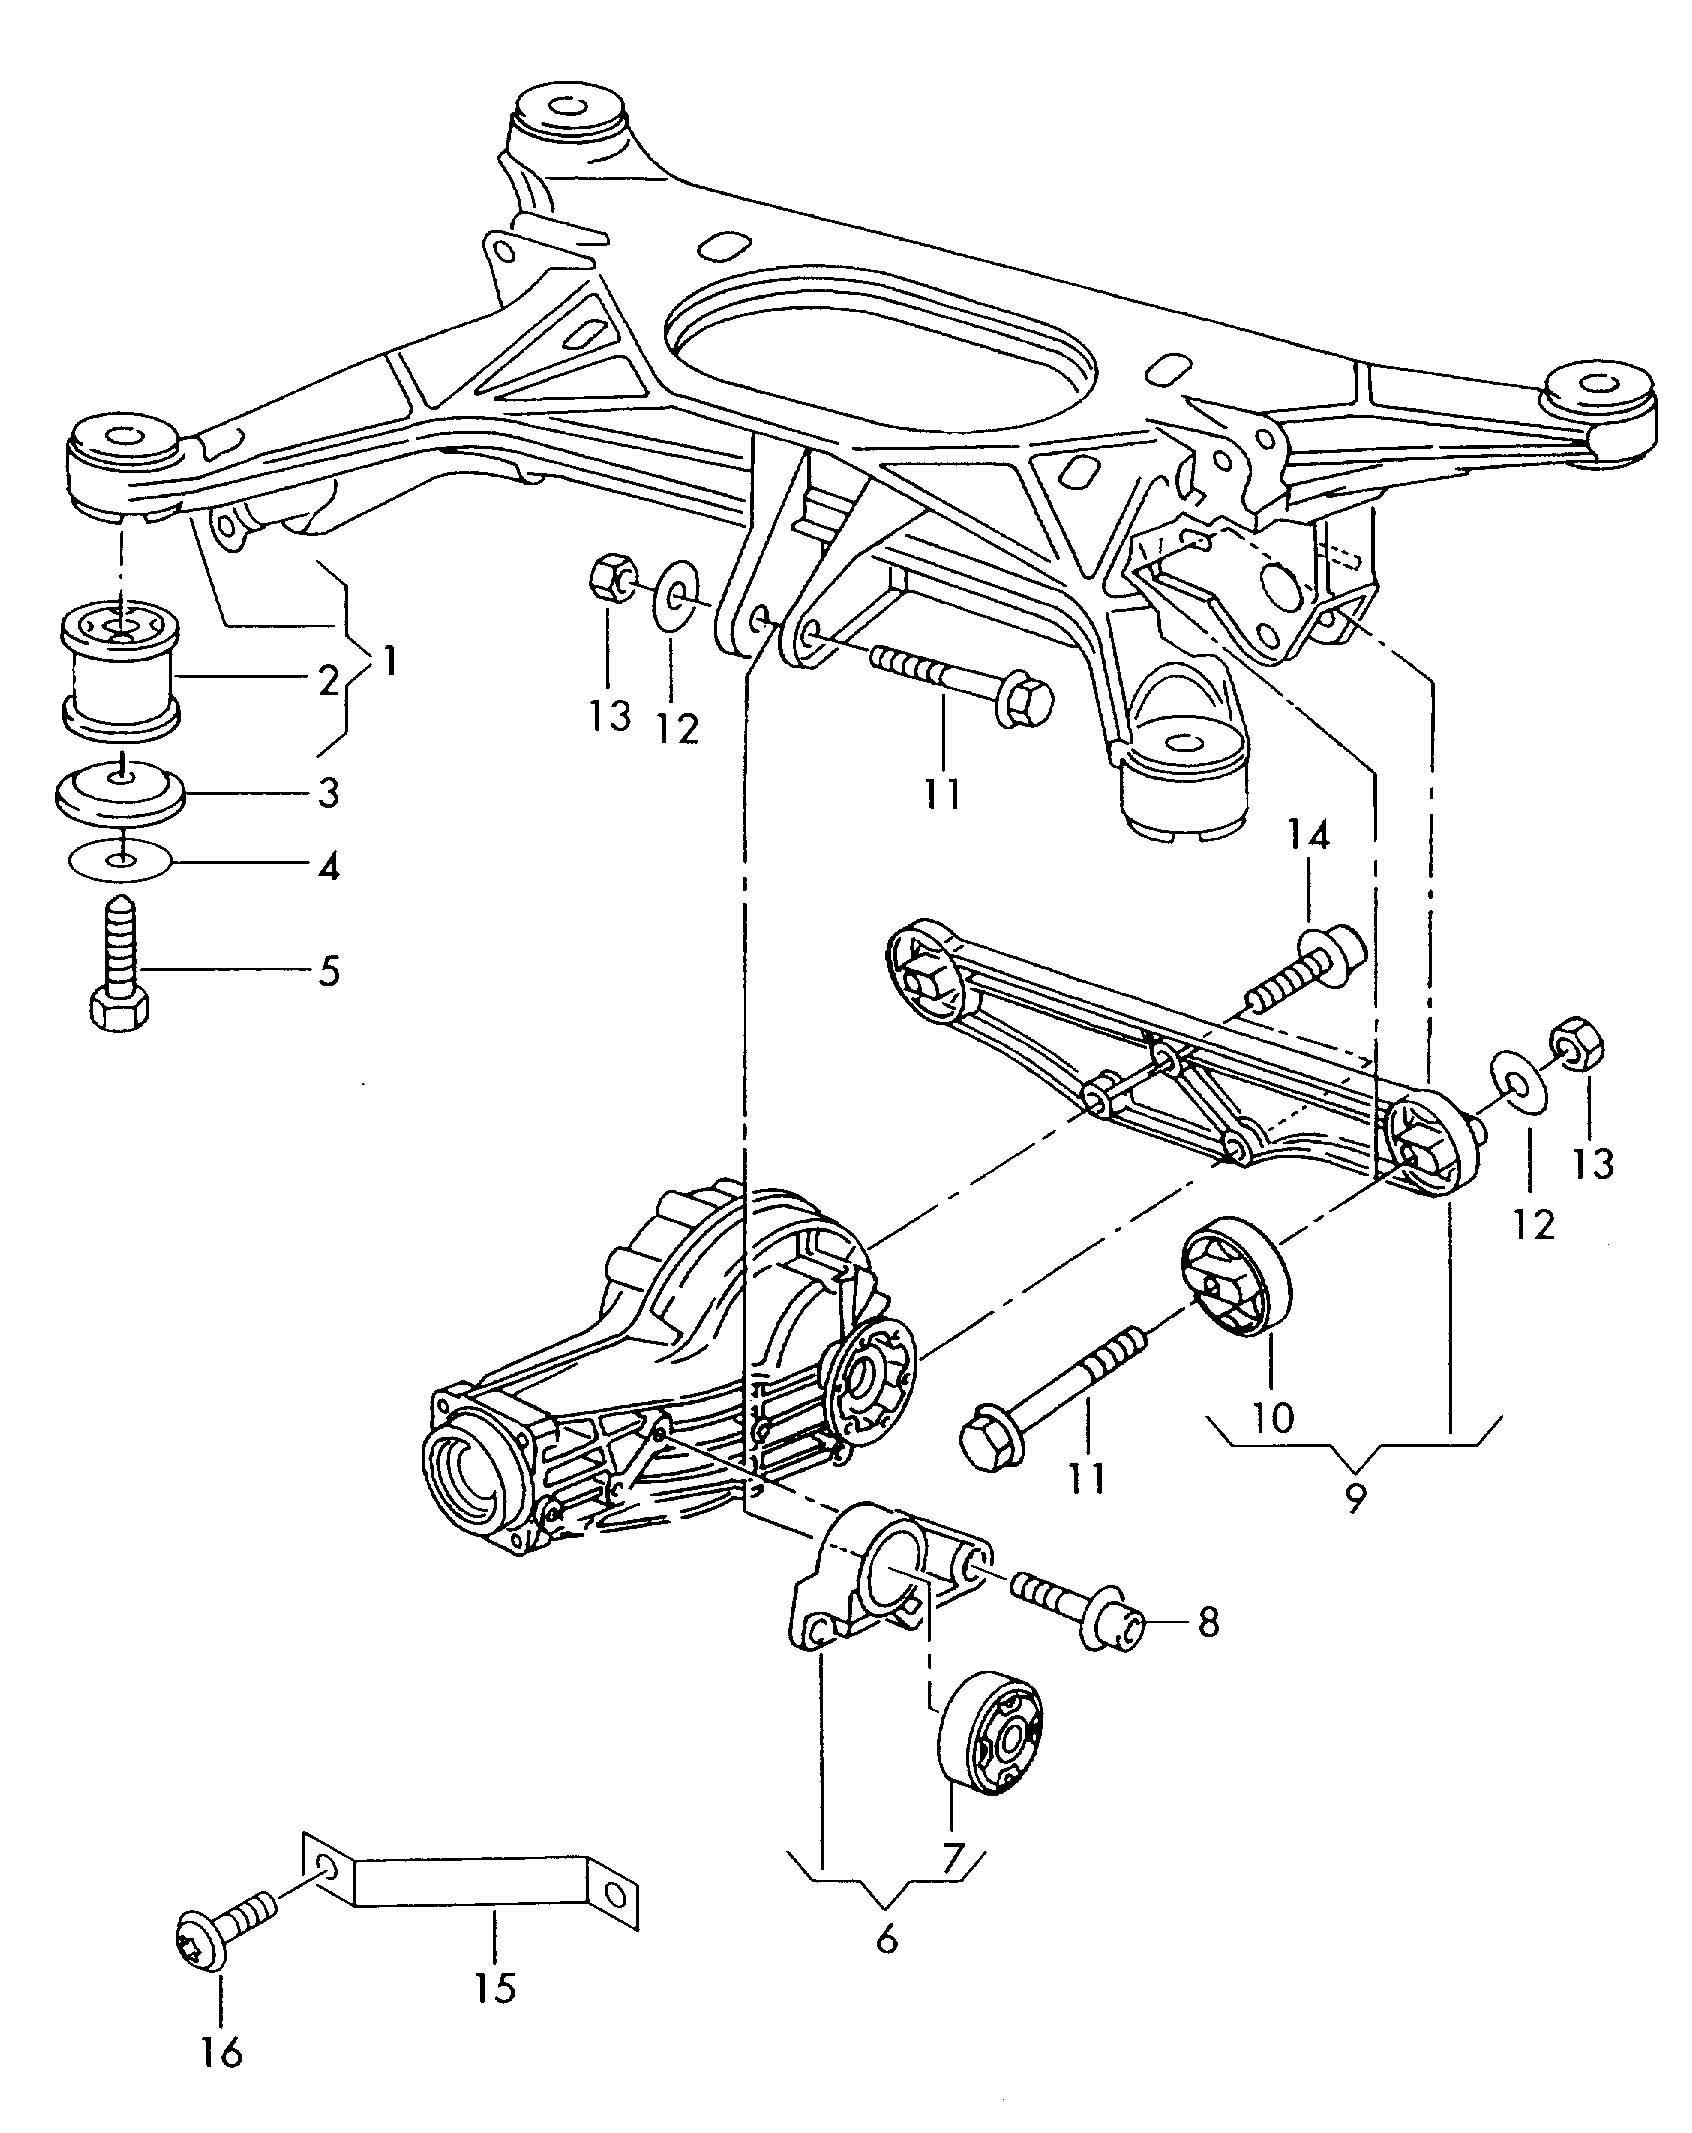 Scosche Nissan Wiring Diagrams 95. Nissan. Auto Parts